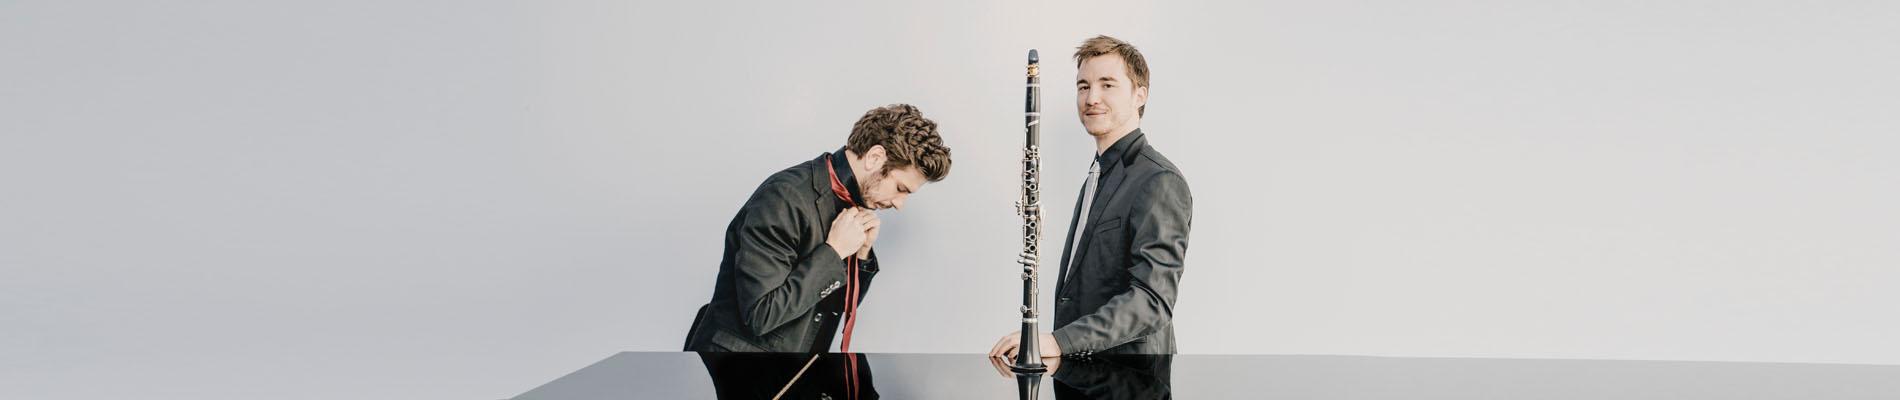 Slider-erf-festival-Duo-Ebano